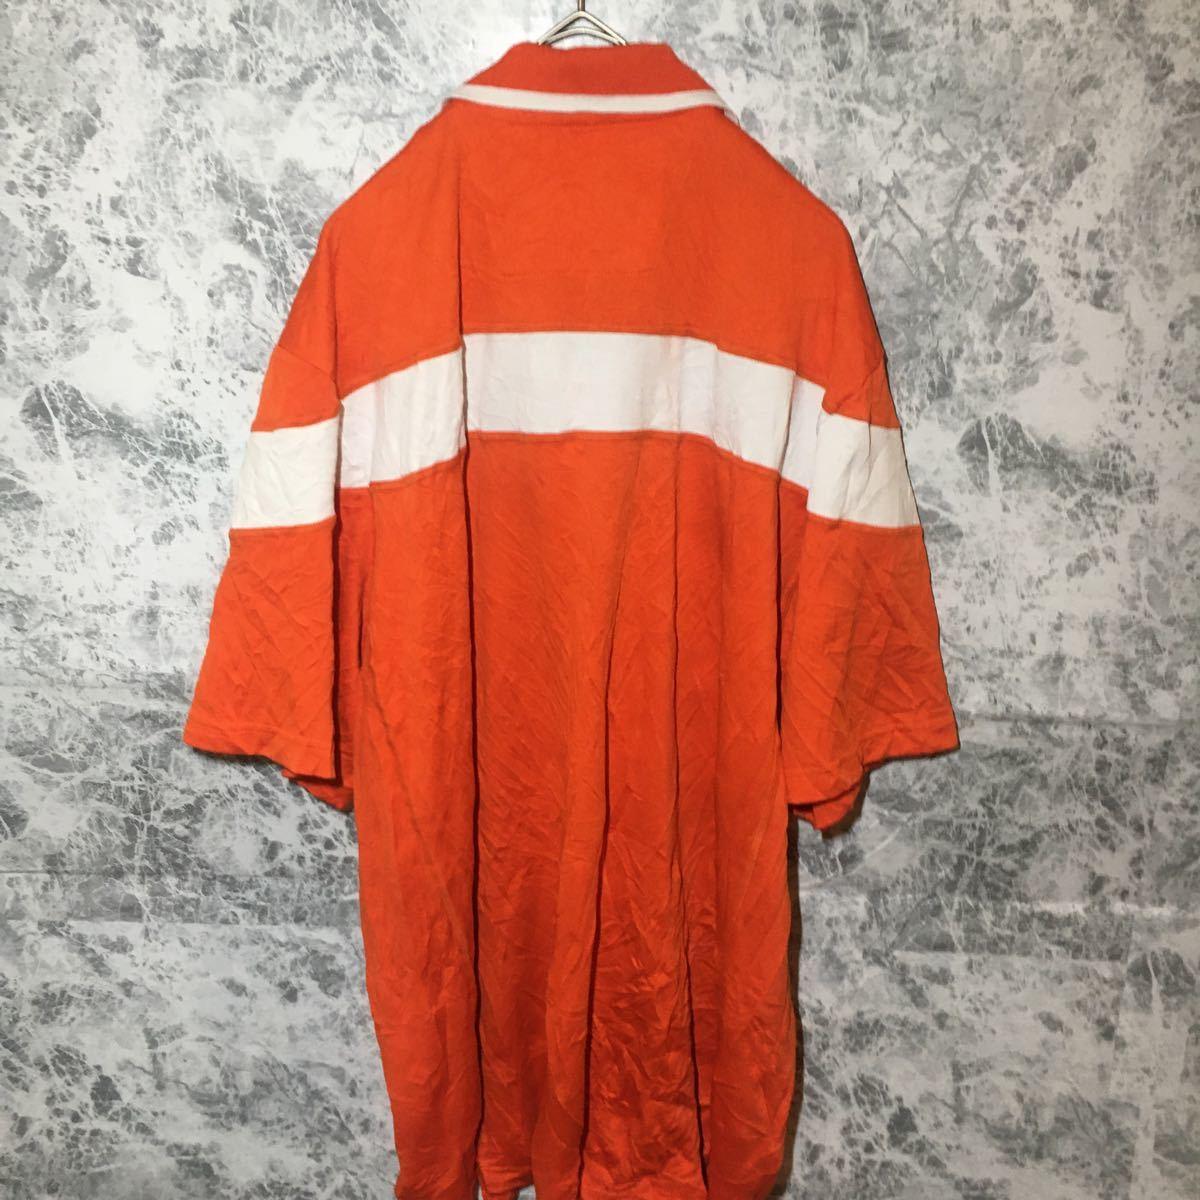 【最終価格】アディダス adidas ポロシャツ XL オレンジ ビッグ